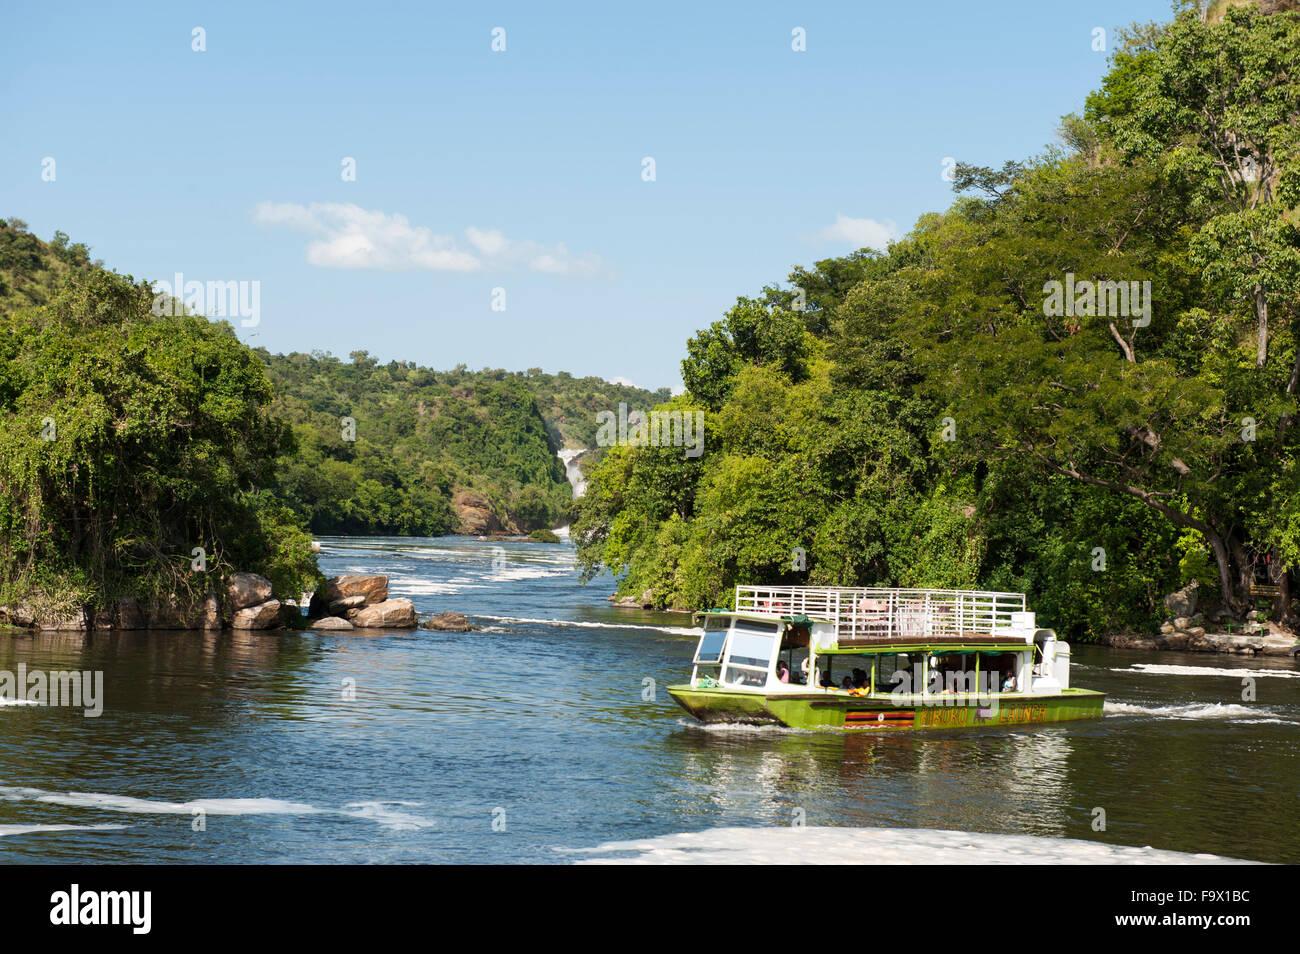 Viaje en barco por el Nilo Victoria, Parque Nacional de Murchison Falls, Uganda Imagen De Stock